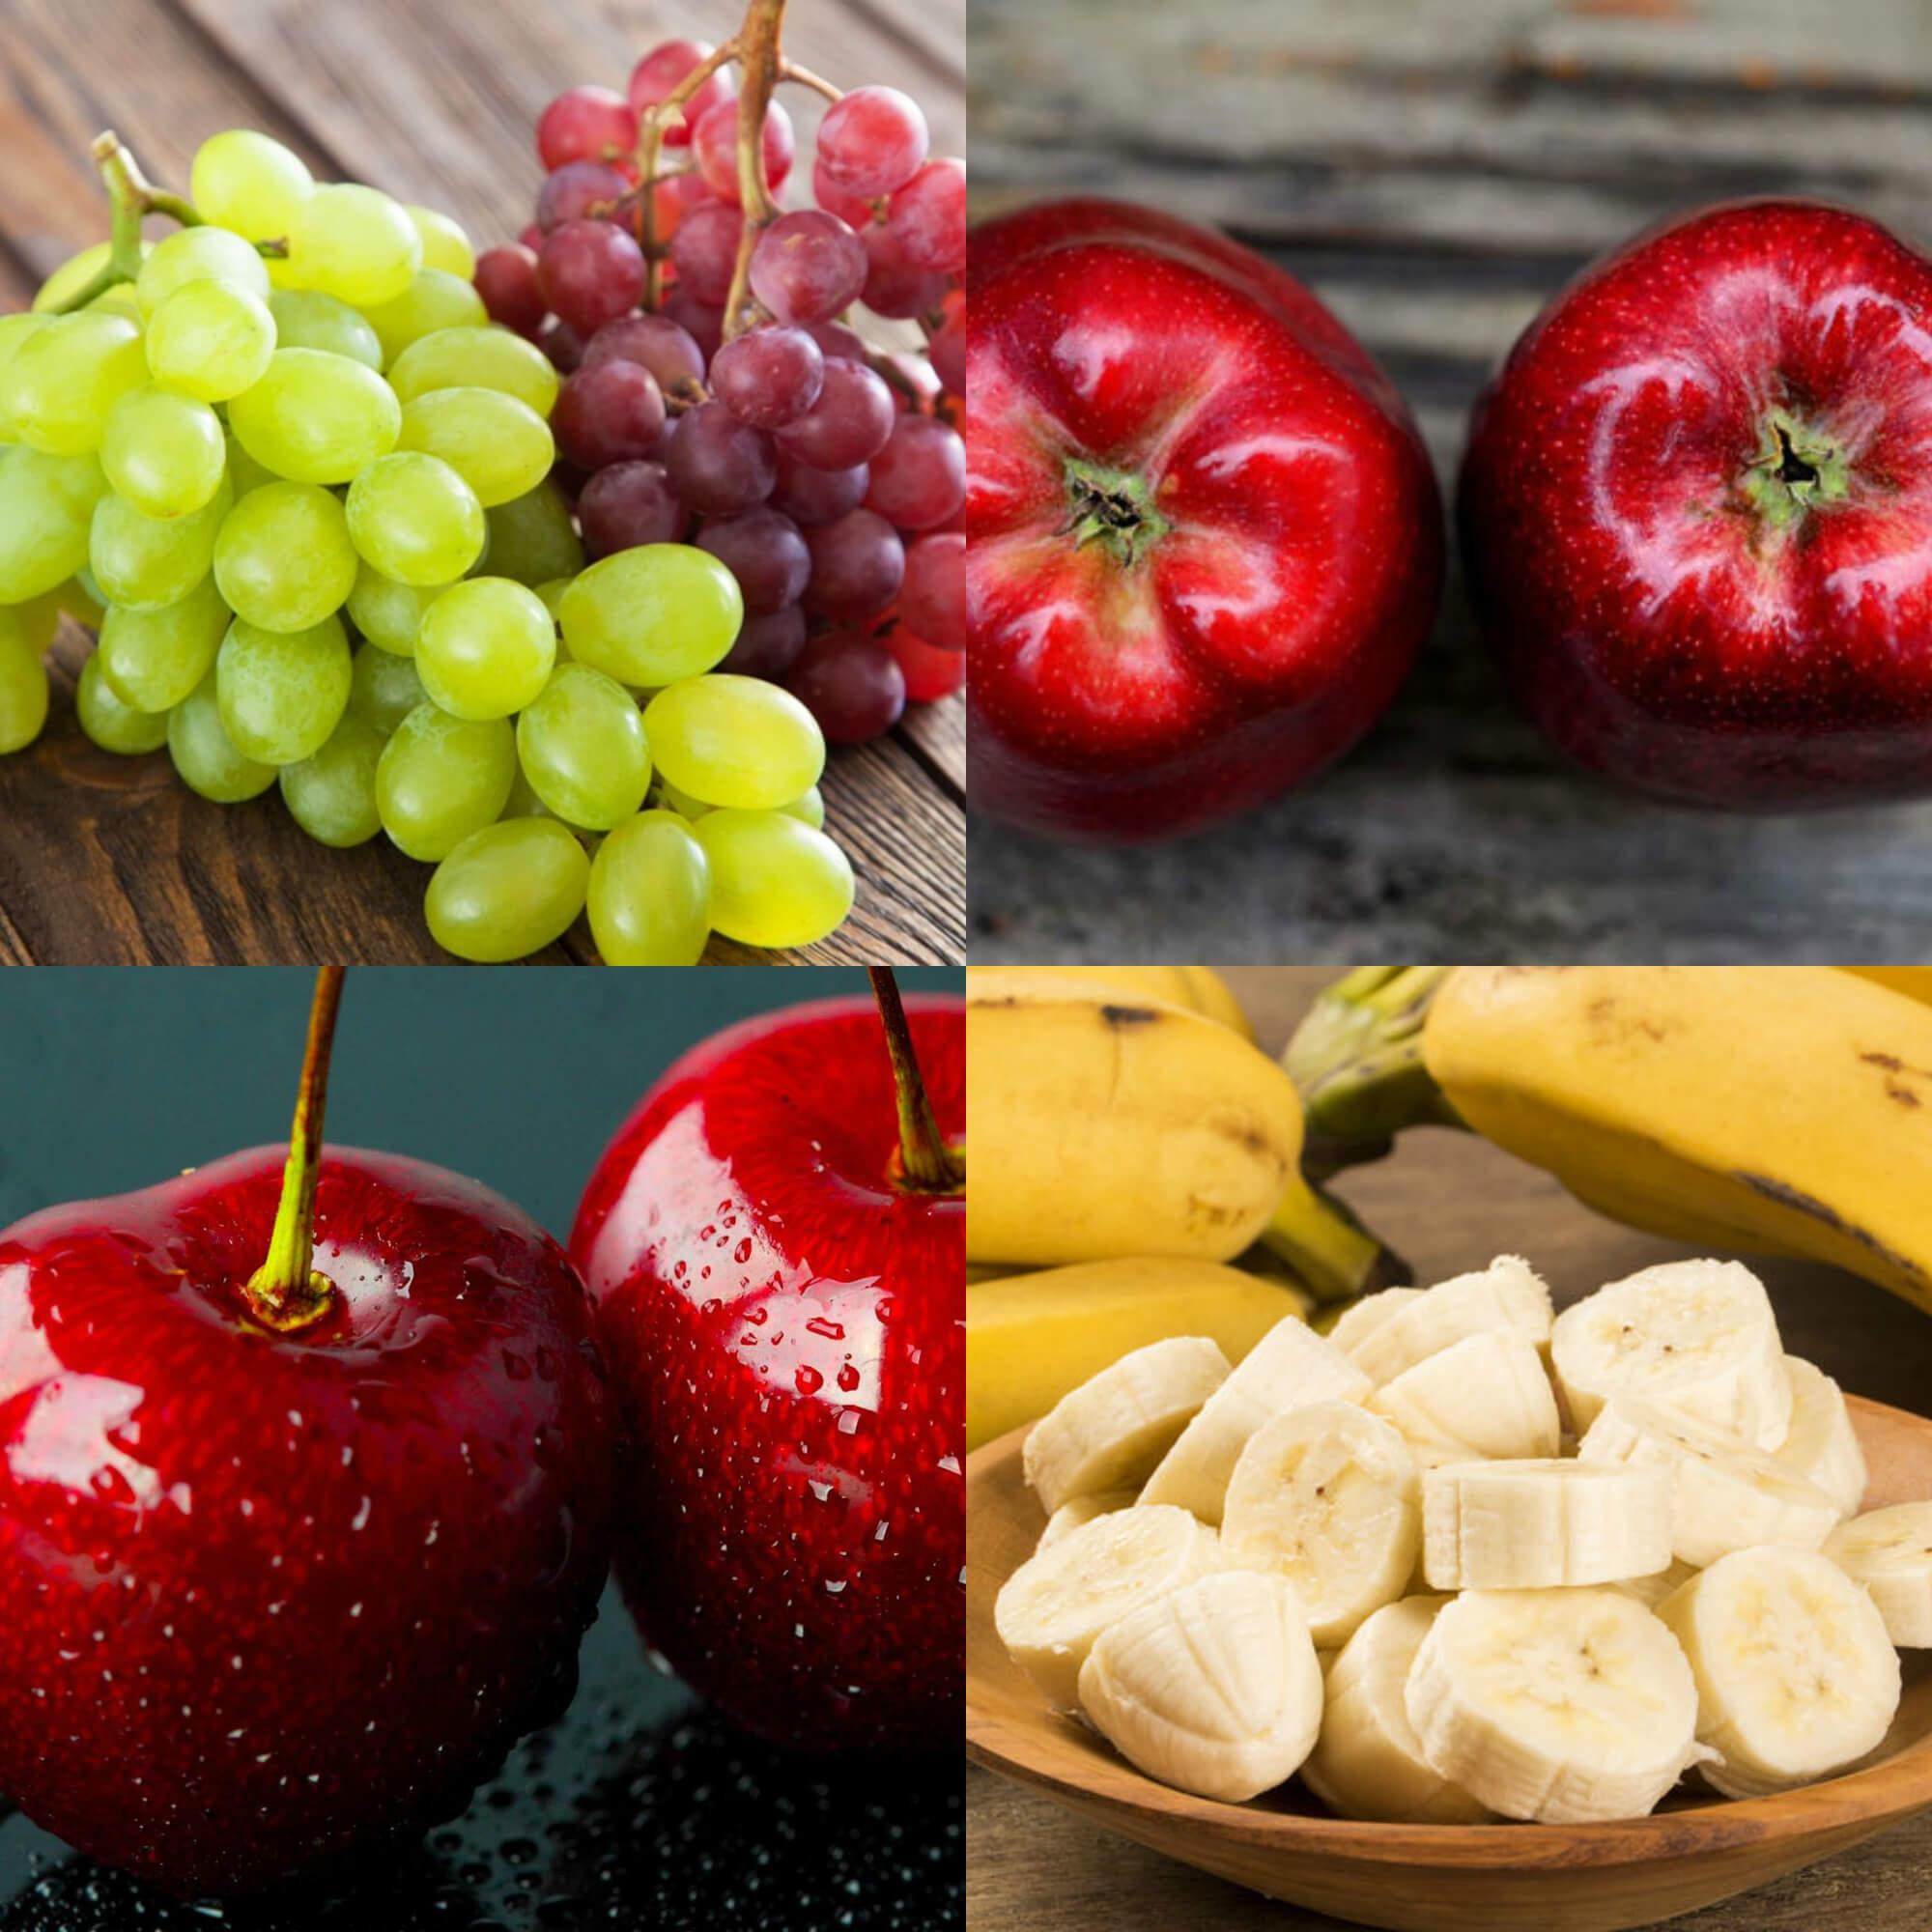 можно ли есть яблоки на безуглеводной диете